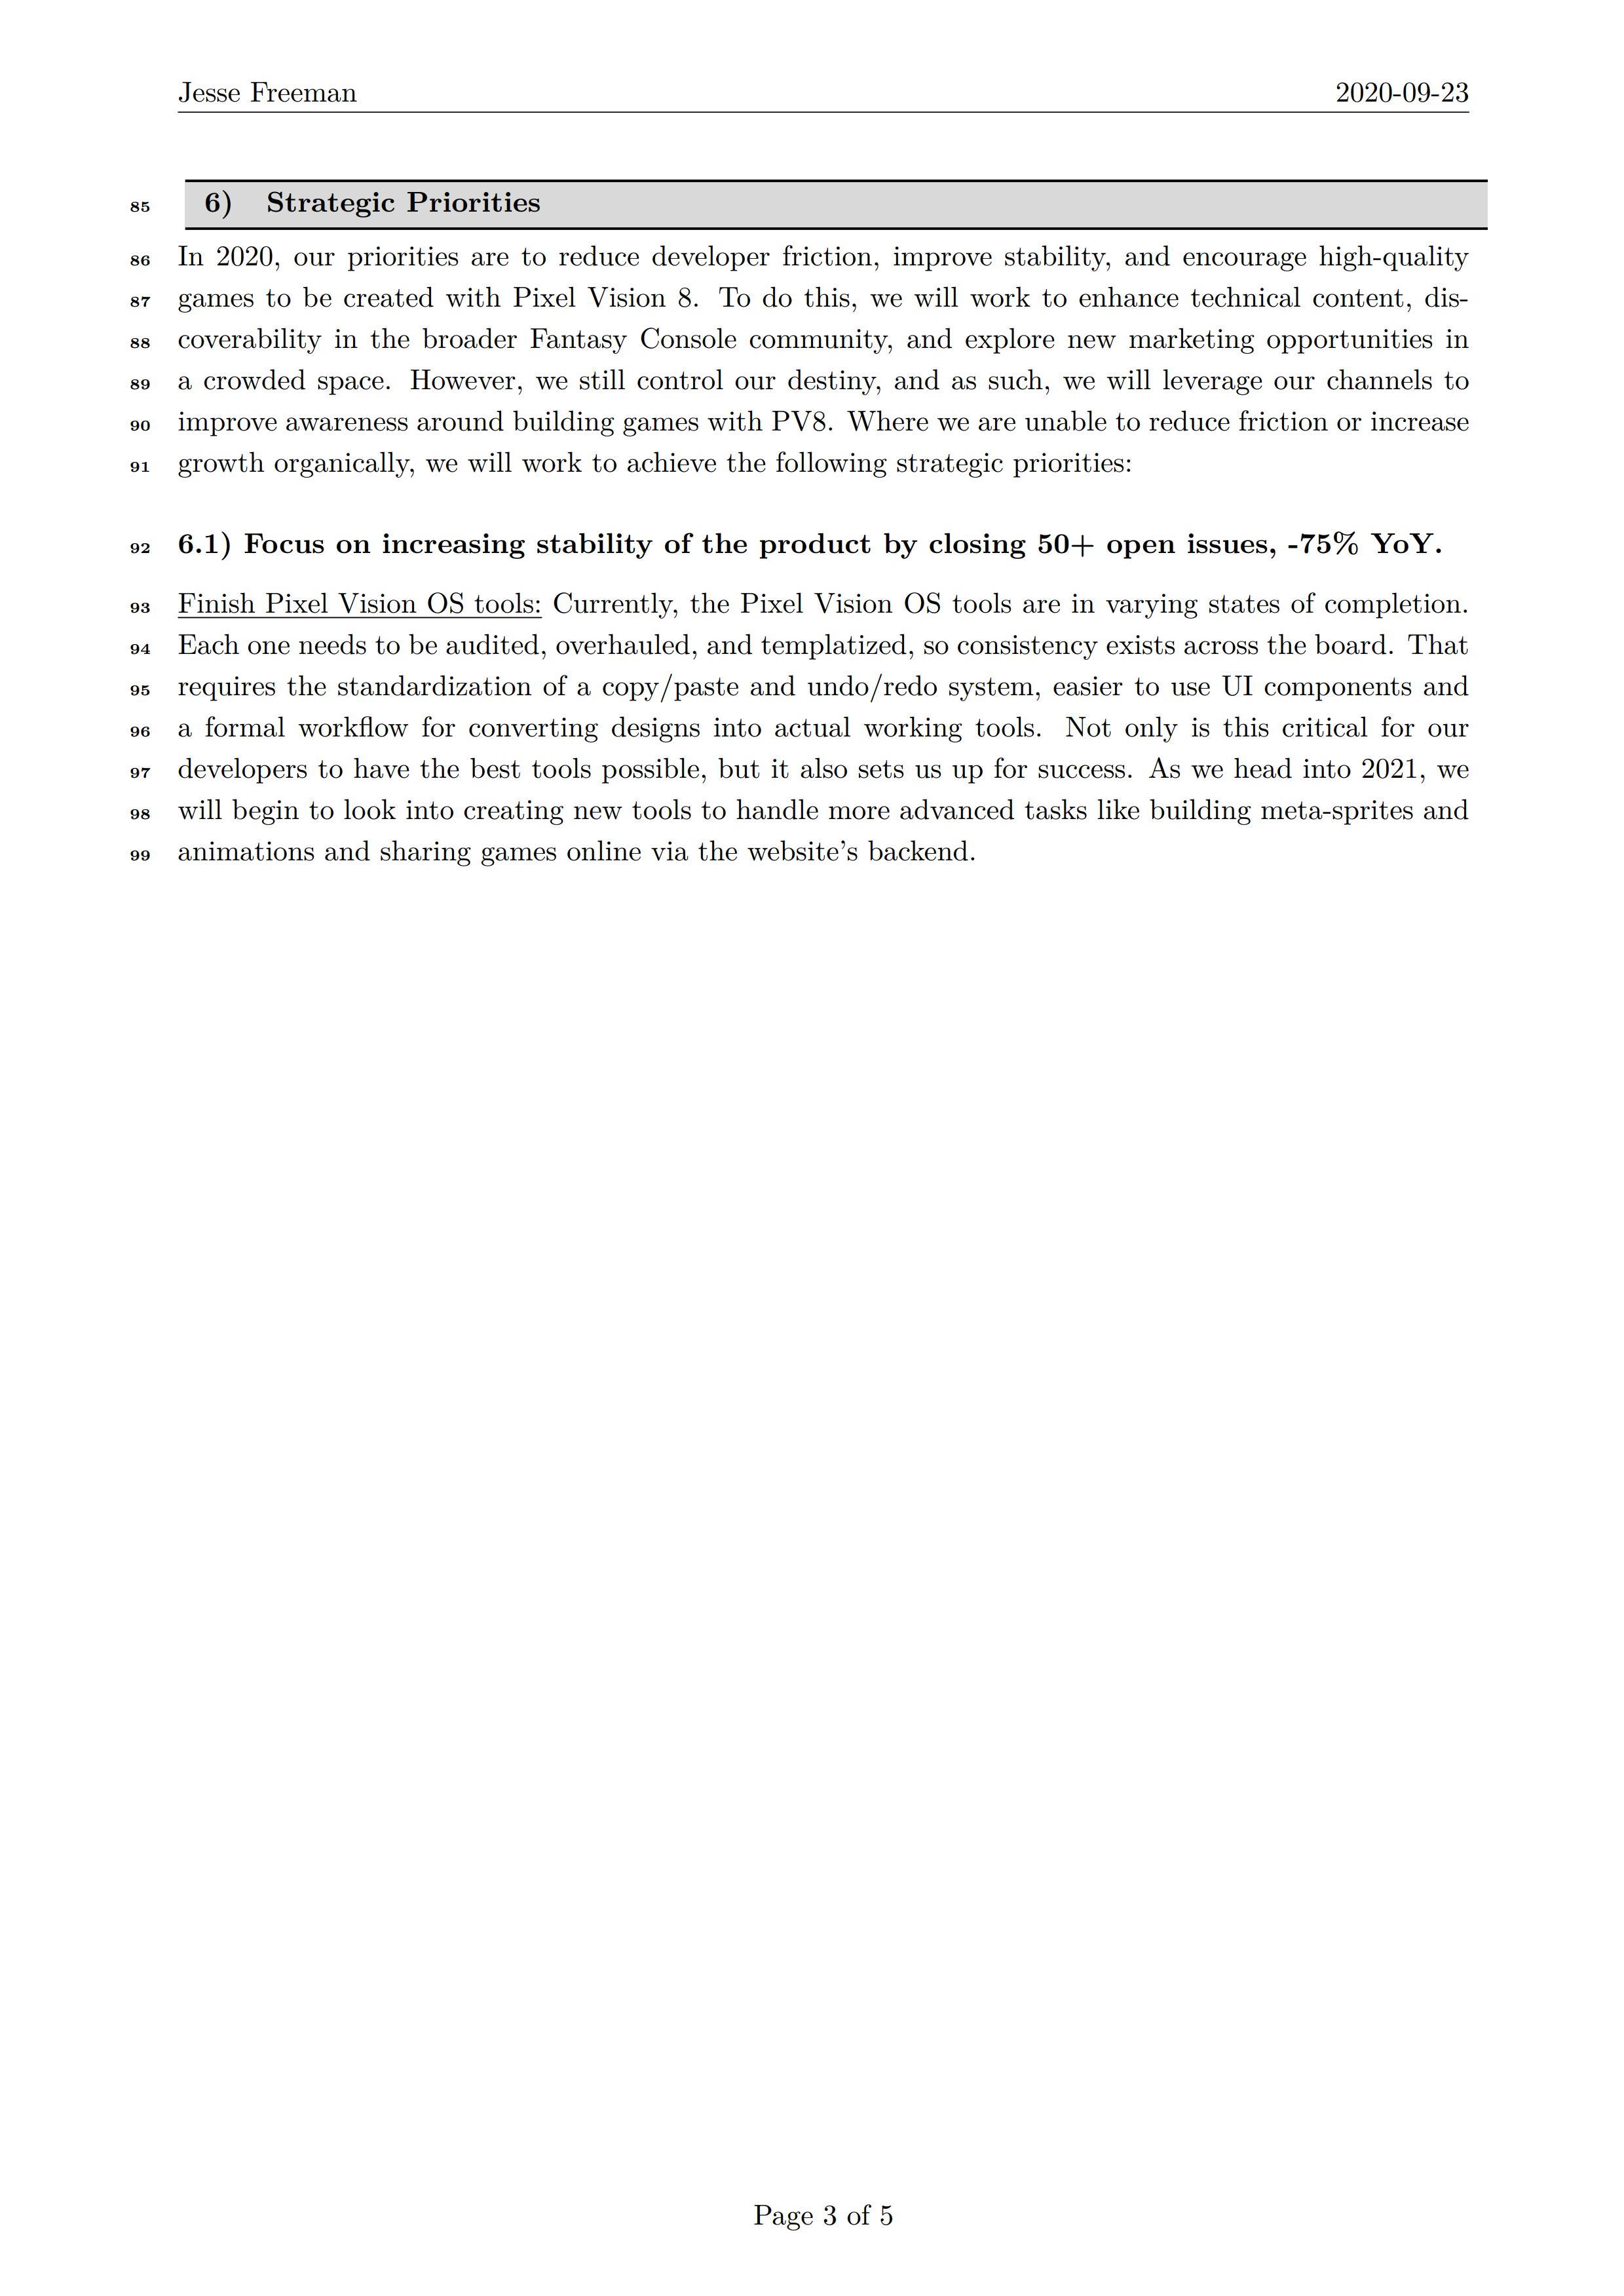 亚马逊6页汇报法模板